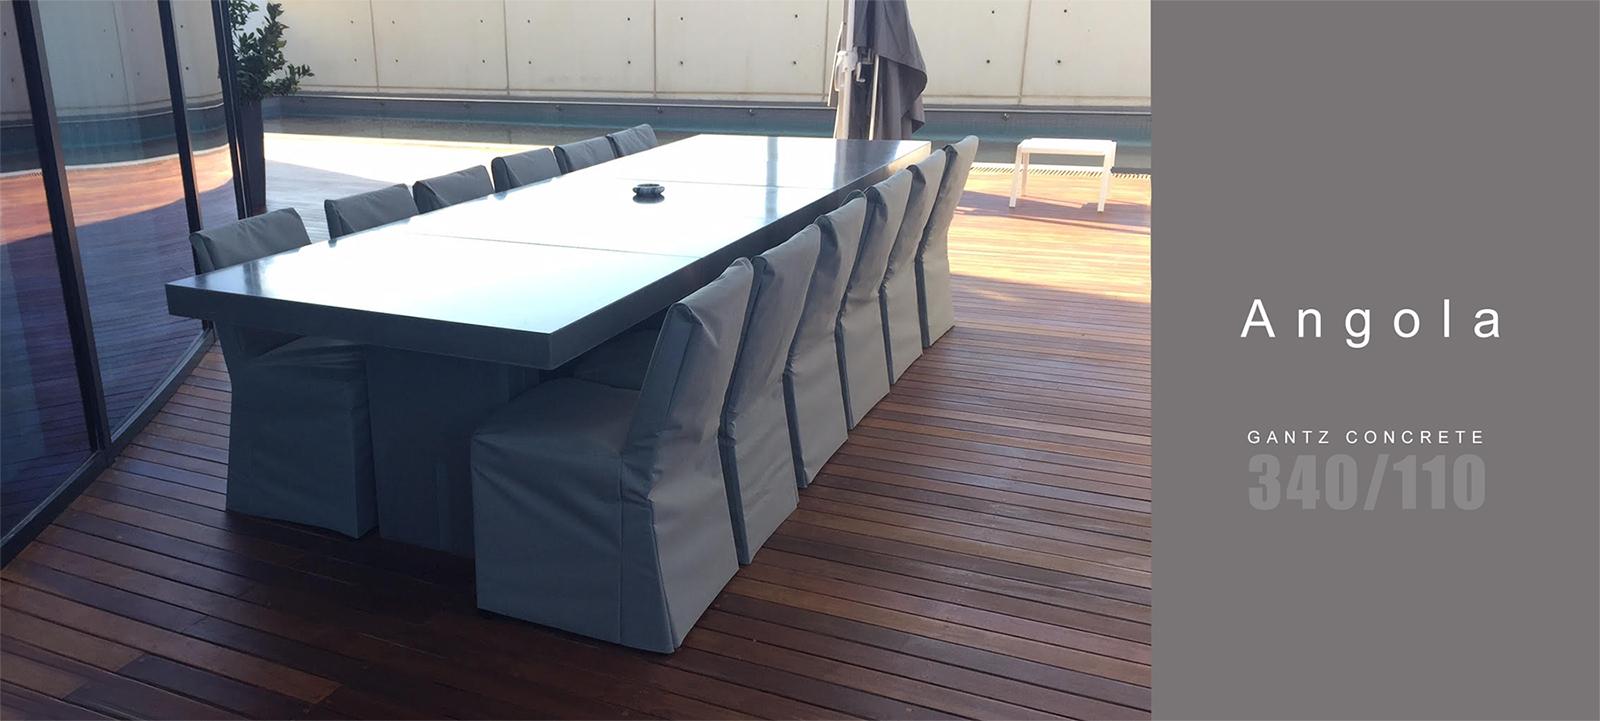 גנץ קונקריט - שולחן אירוח חיצוני לגן/לחצר דגם אנגולה